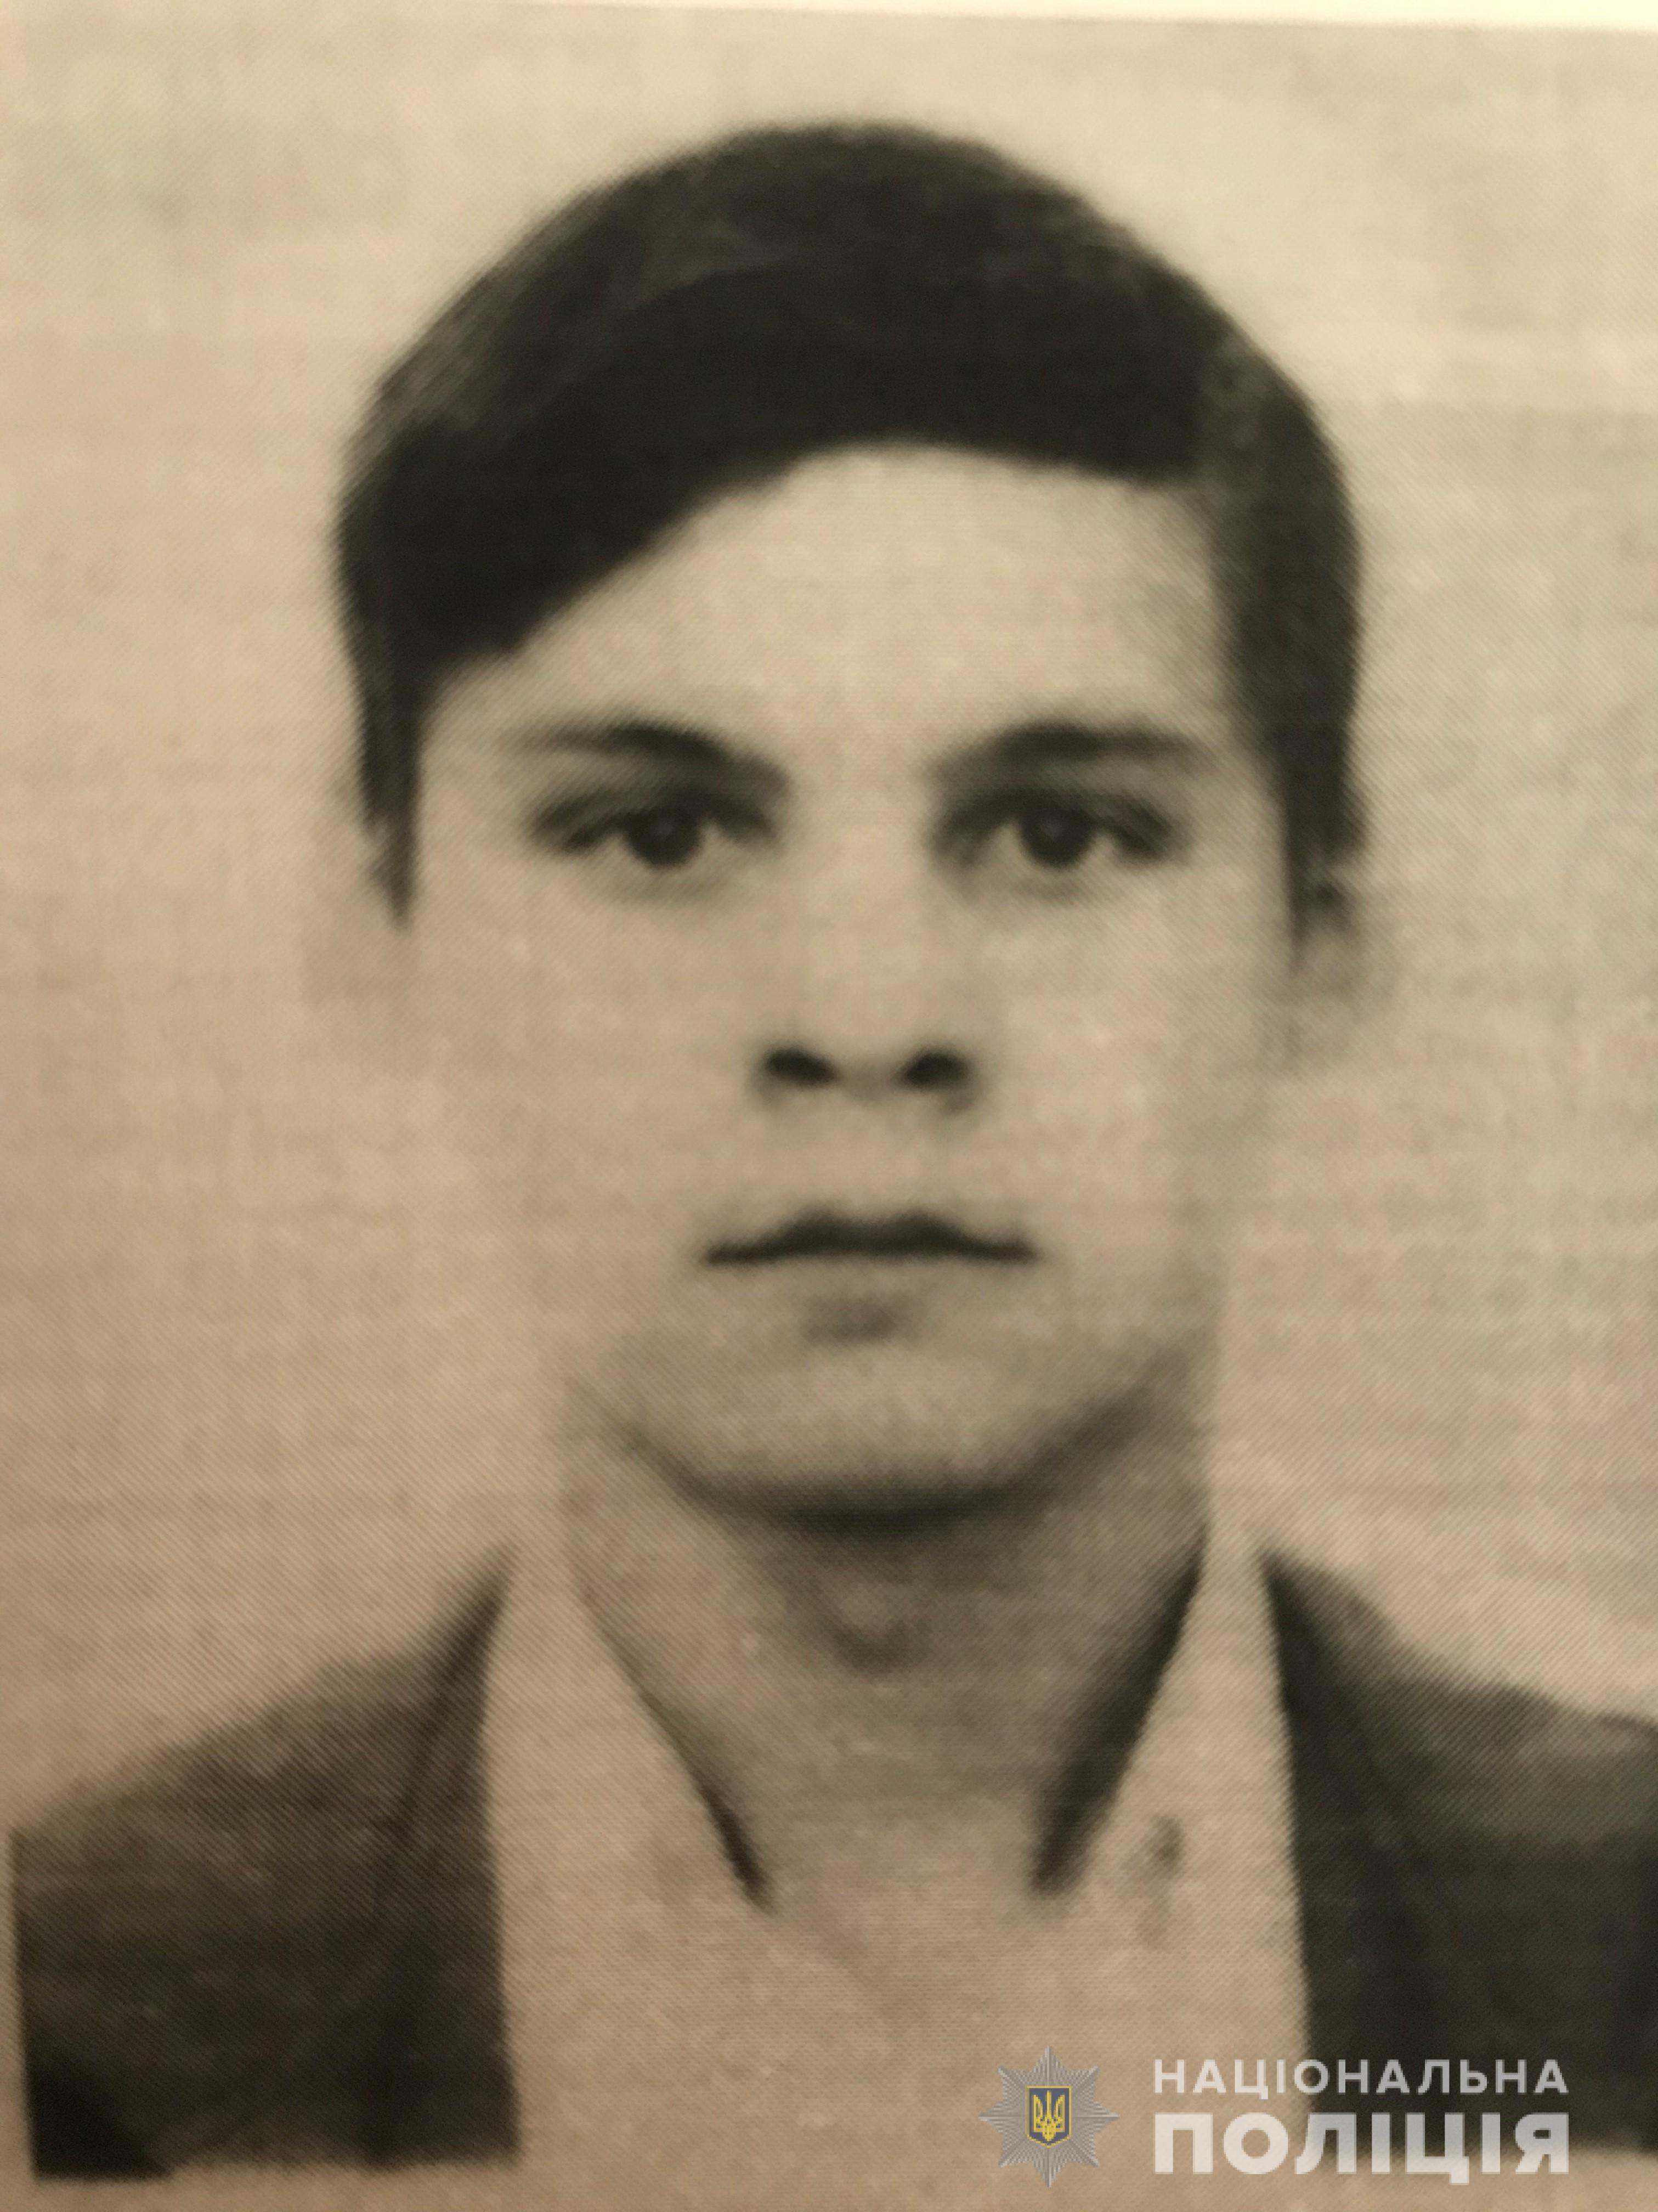 В Харькове разыскивают молодого юношу (фото, приметы)